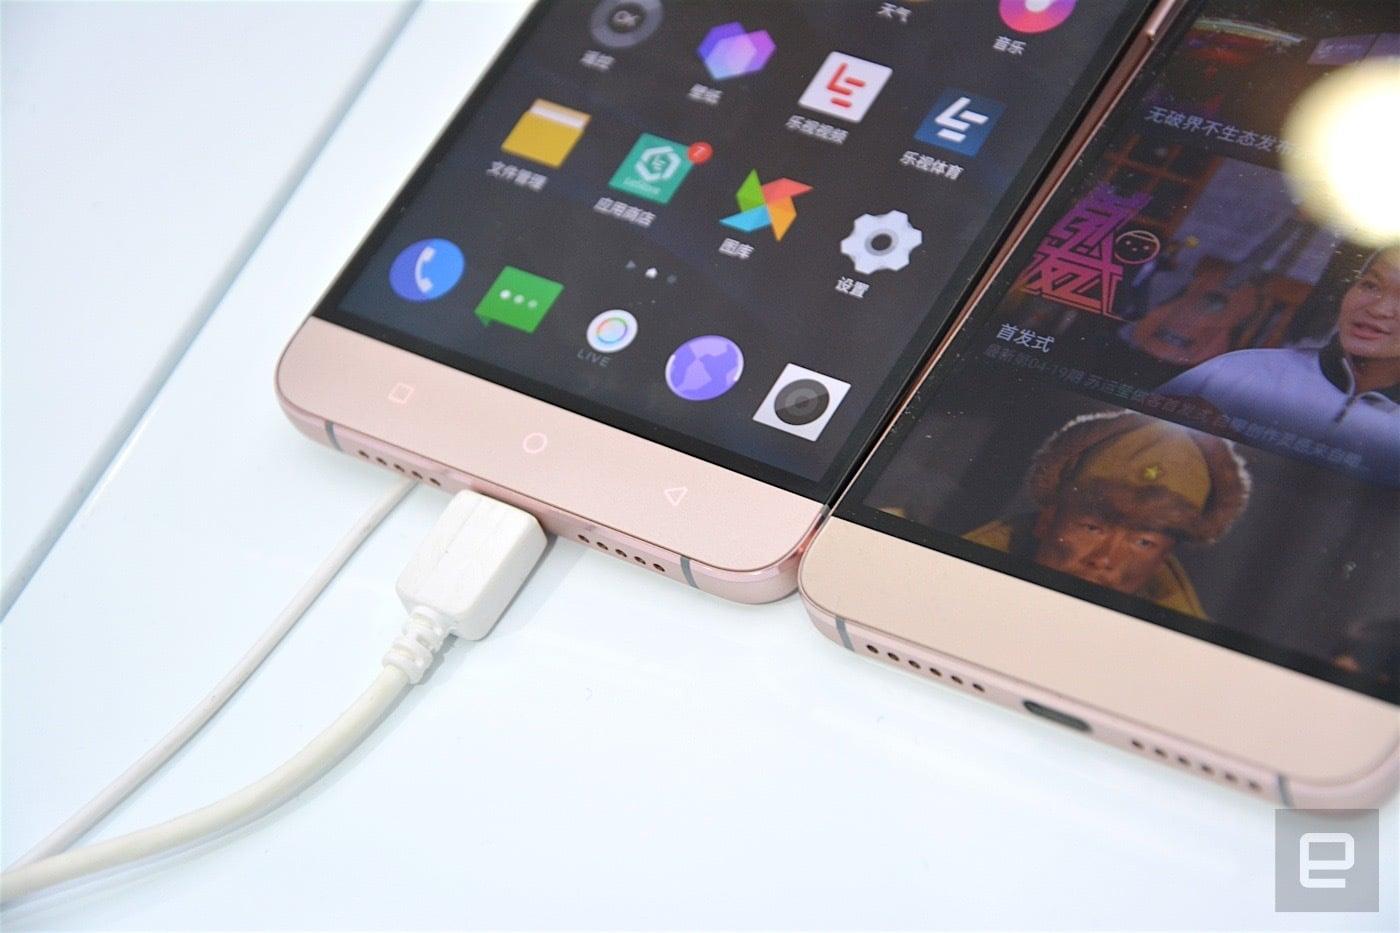 Tabletowo.pl LeEco wyprzedało milion smartfonów w dwie godziny Android Chińskie Raporty/Statystyki